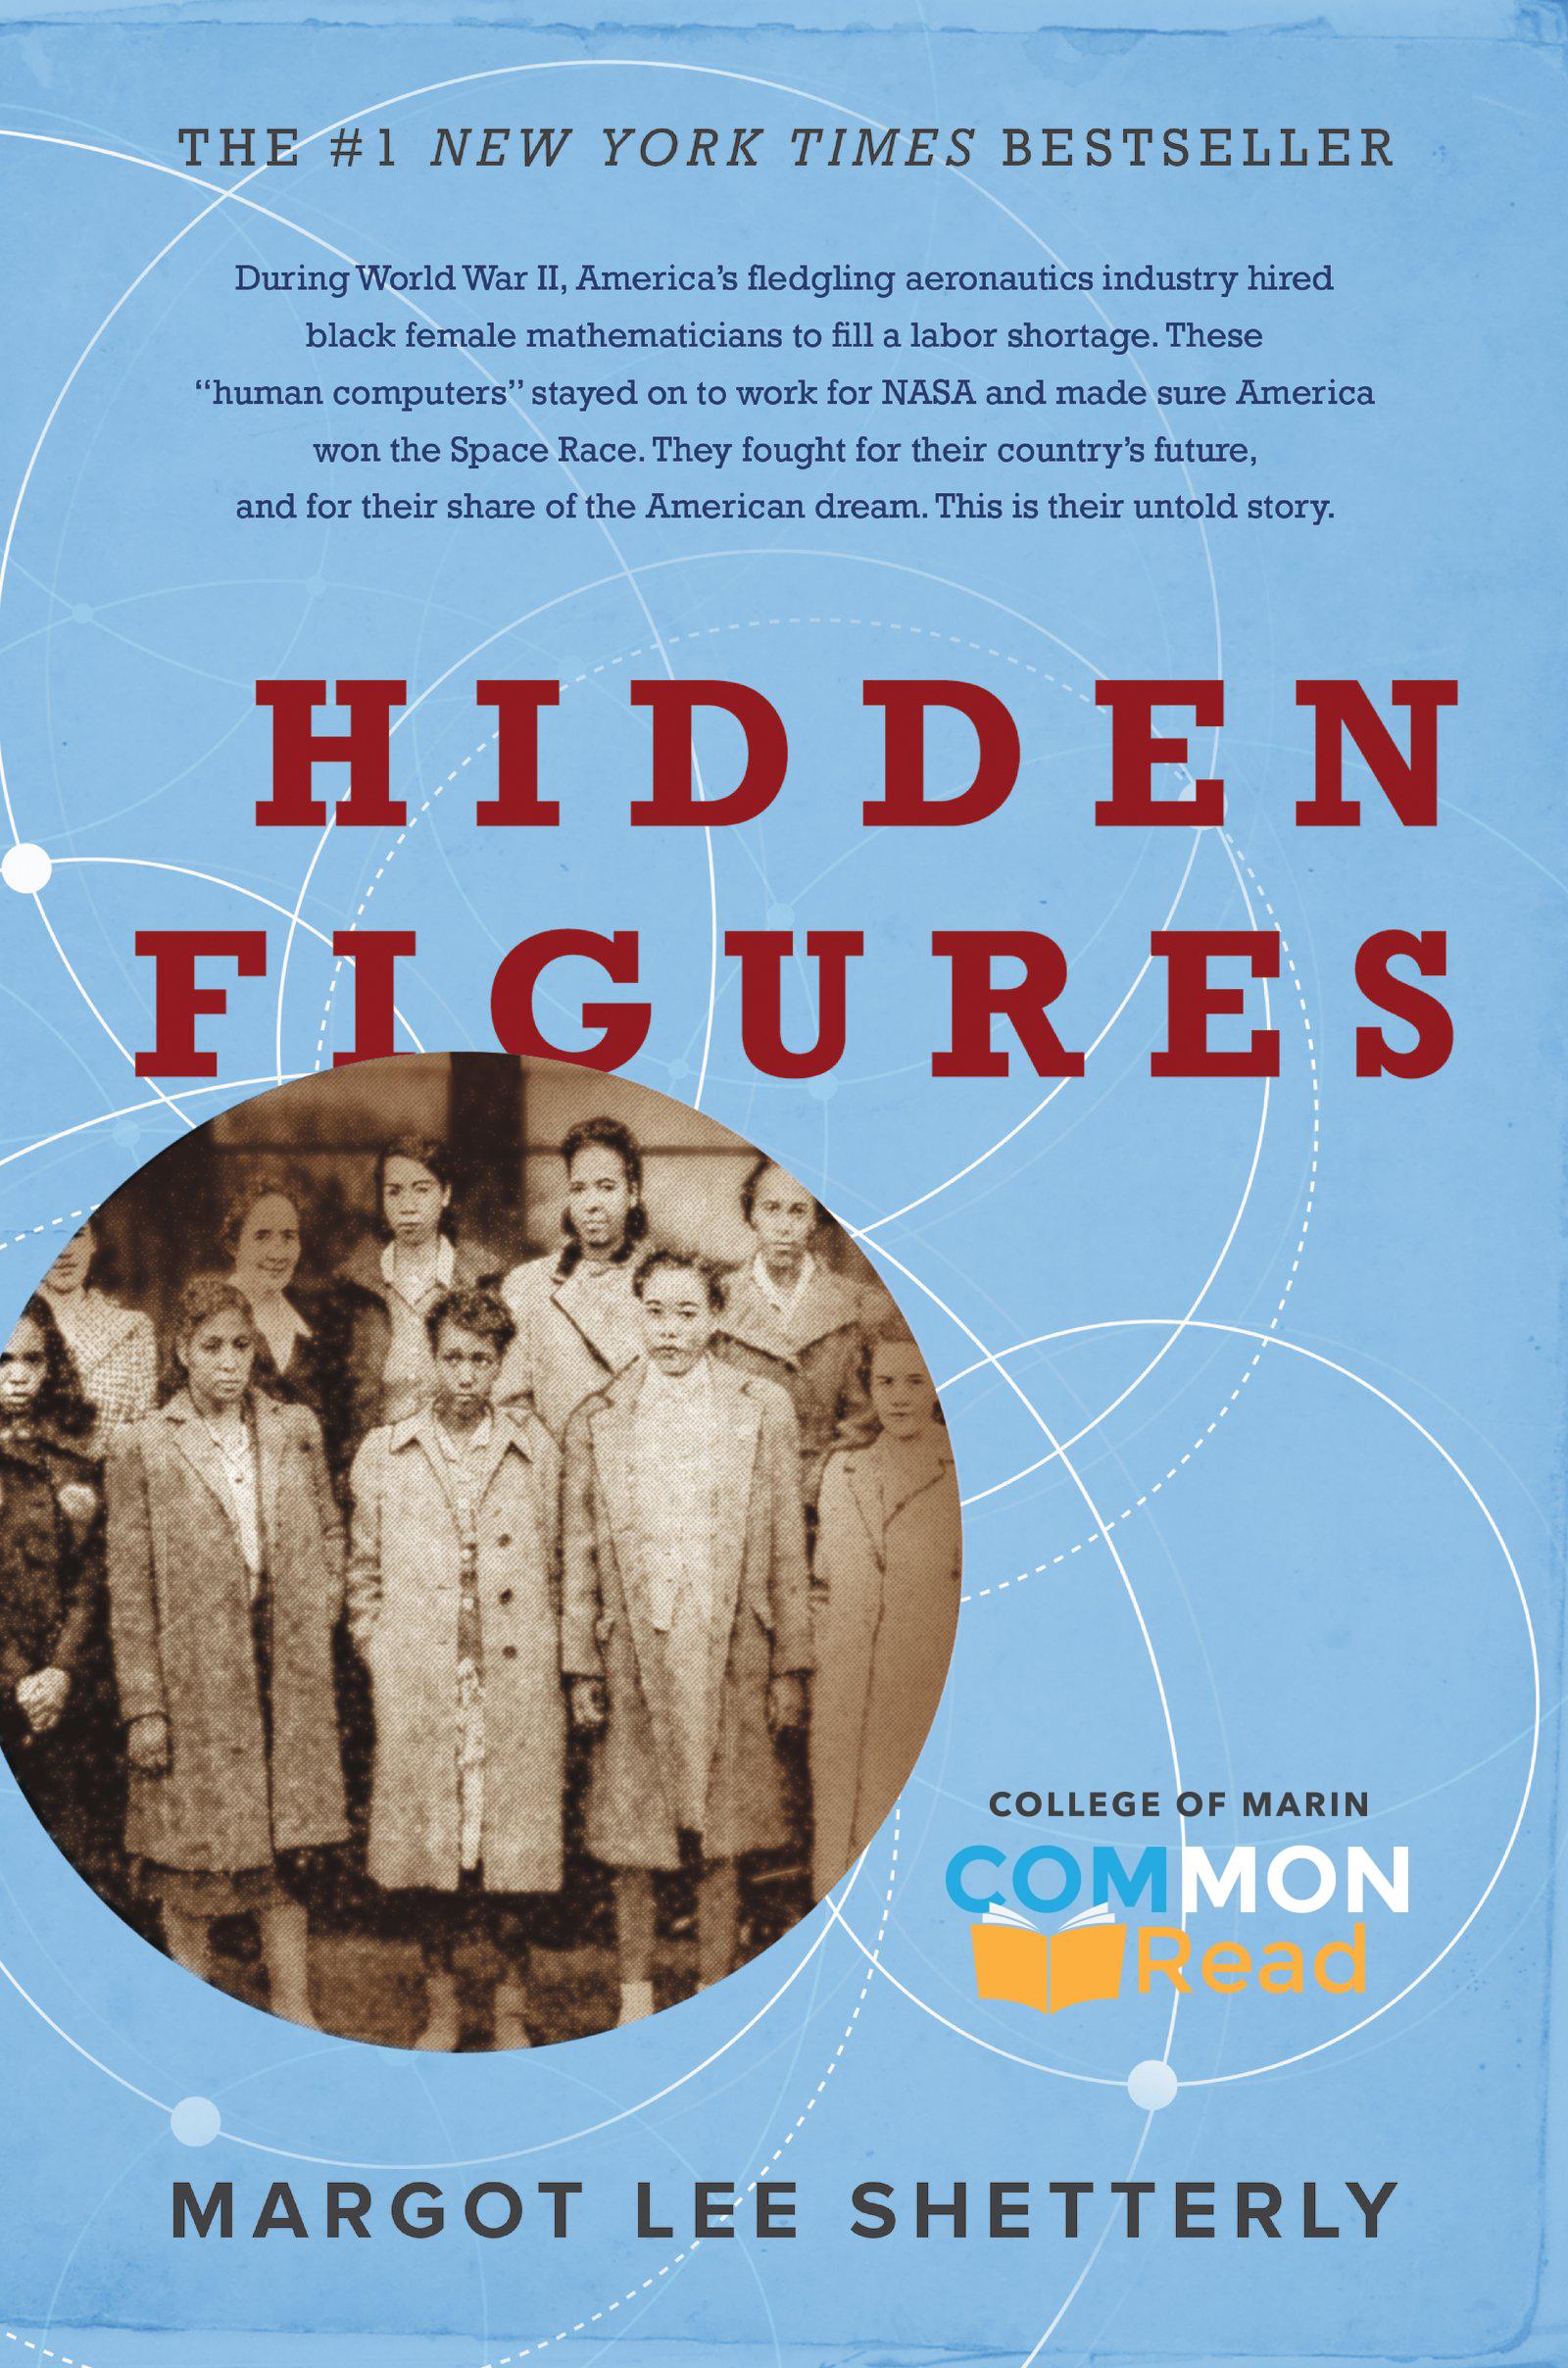 Image of Bookcover of Hidden Figures